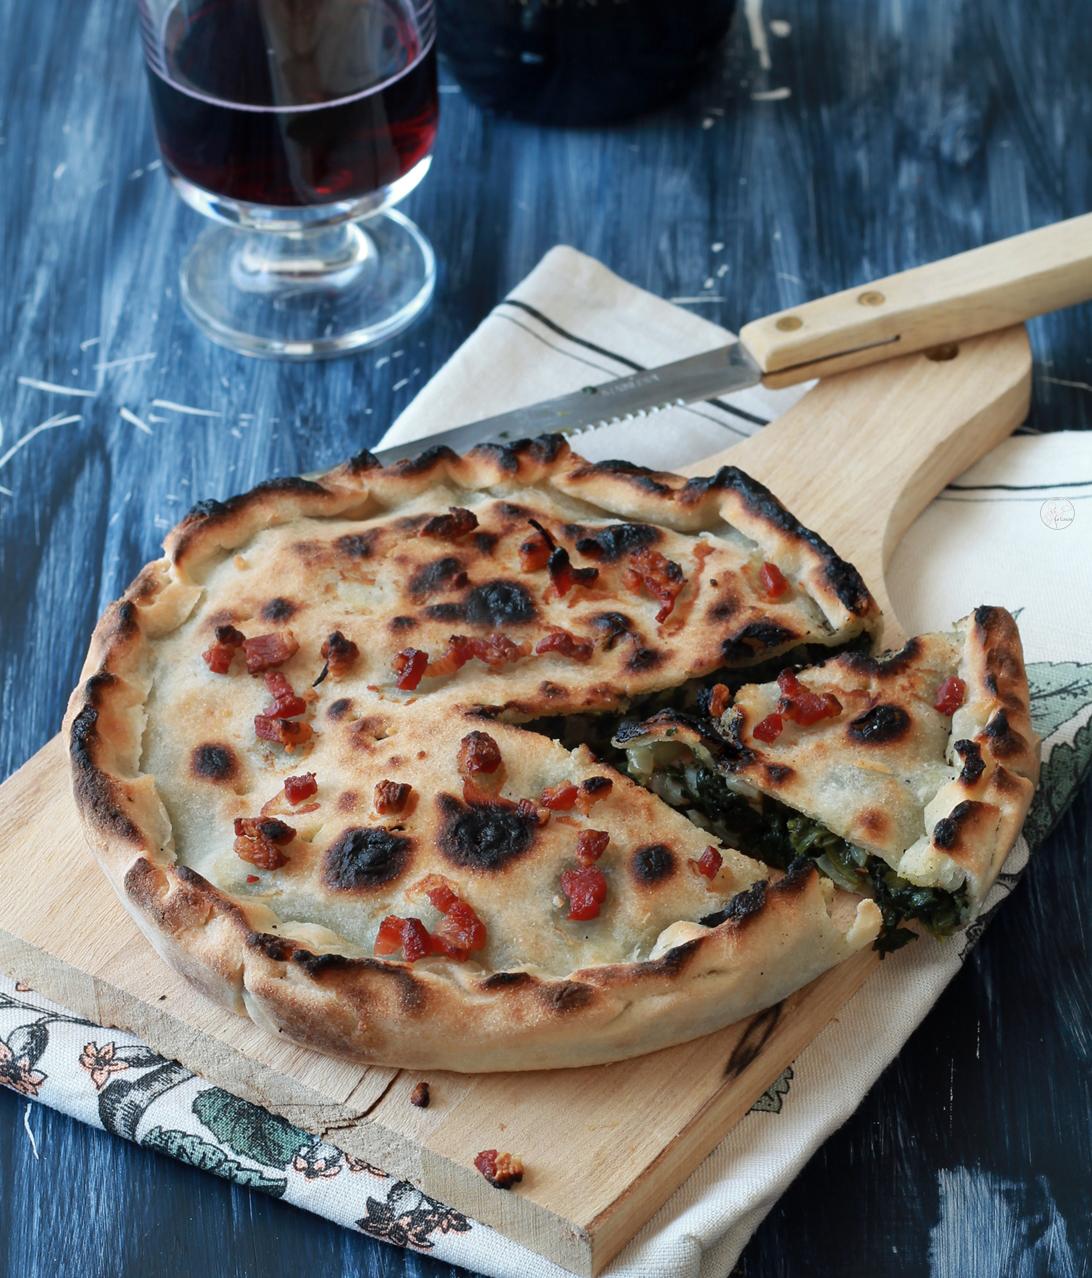 Erbazzone senza glutine la video ricetta - La Cassata Celiaca